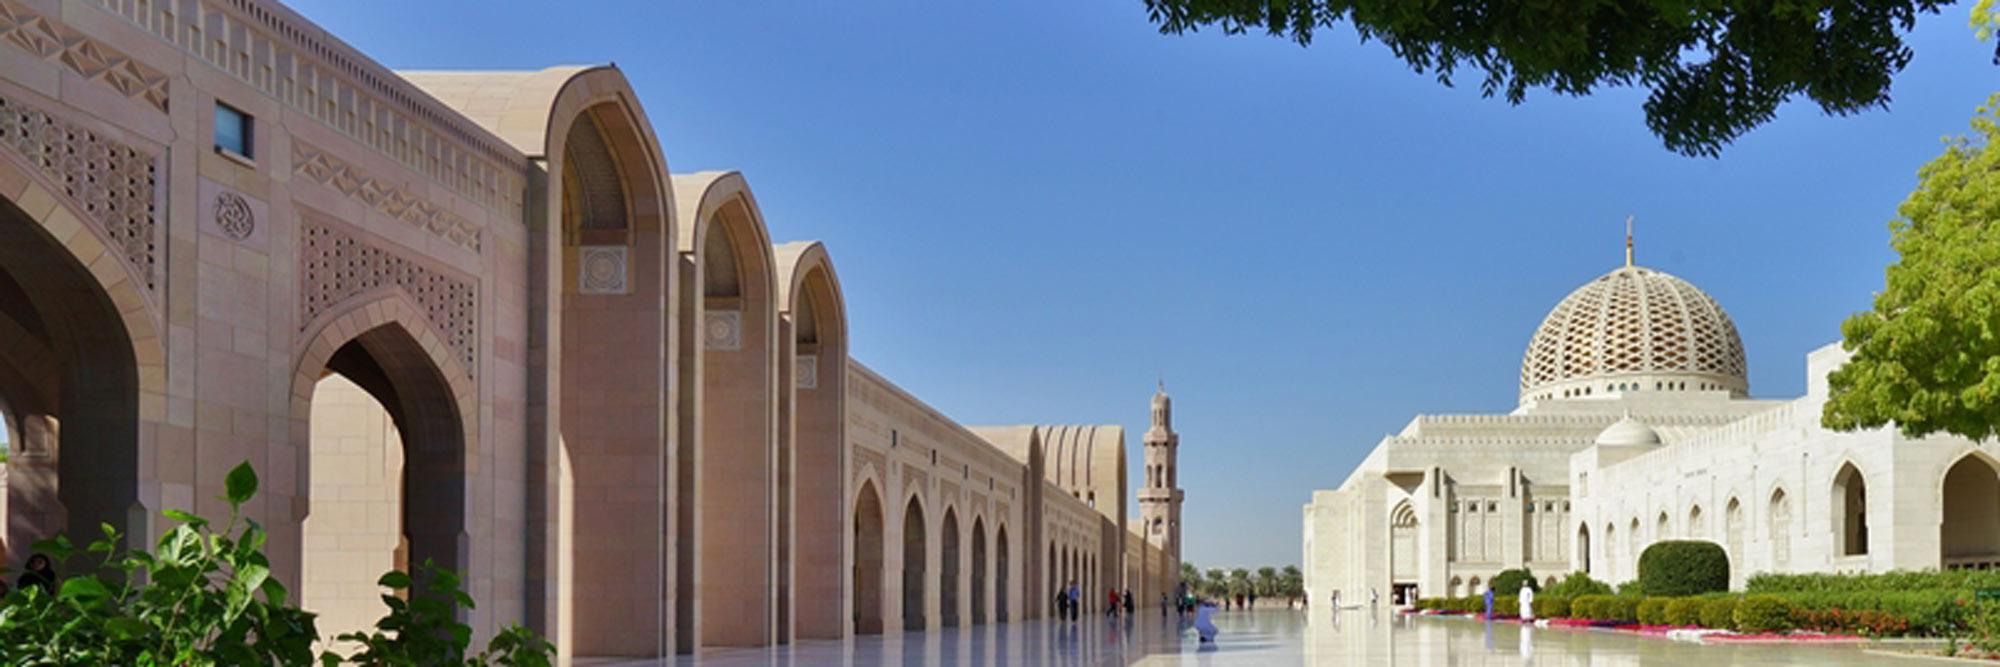 مسجد جامع سلطان قابوس شهر مسقط